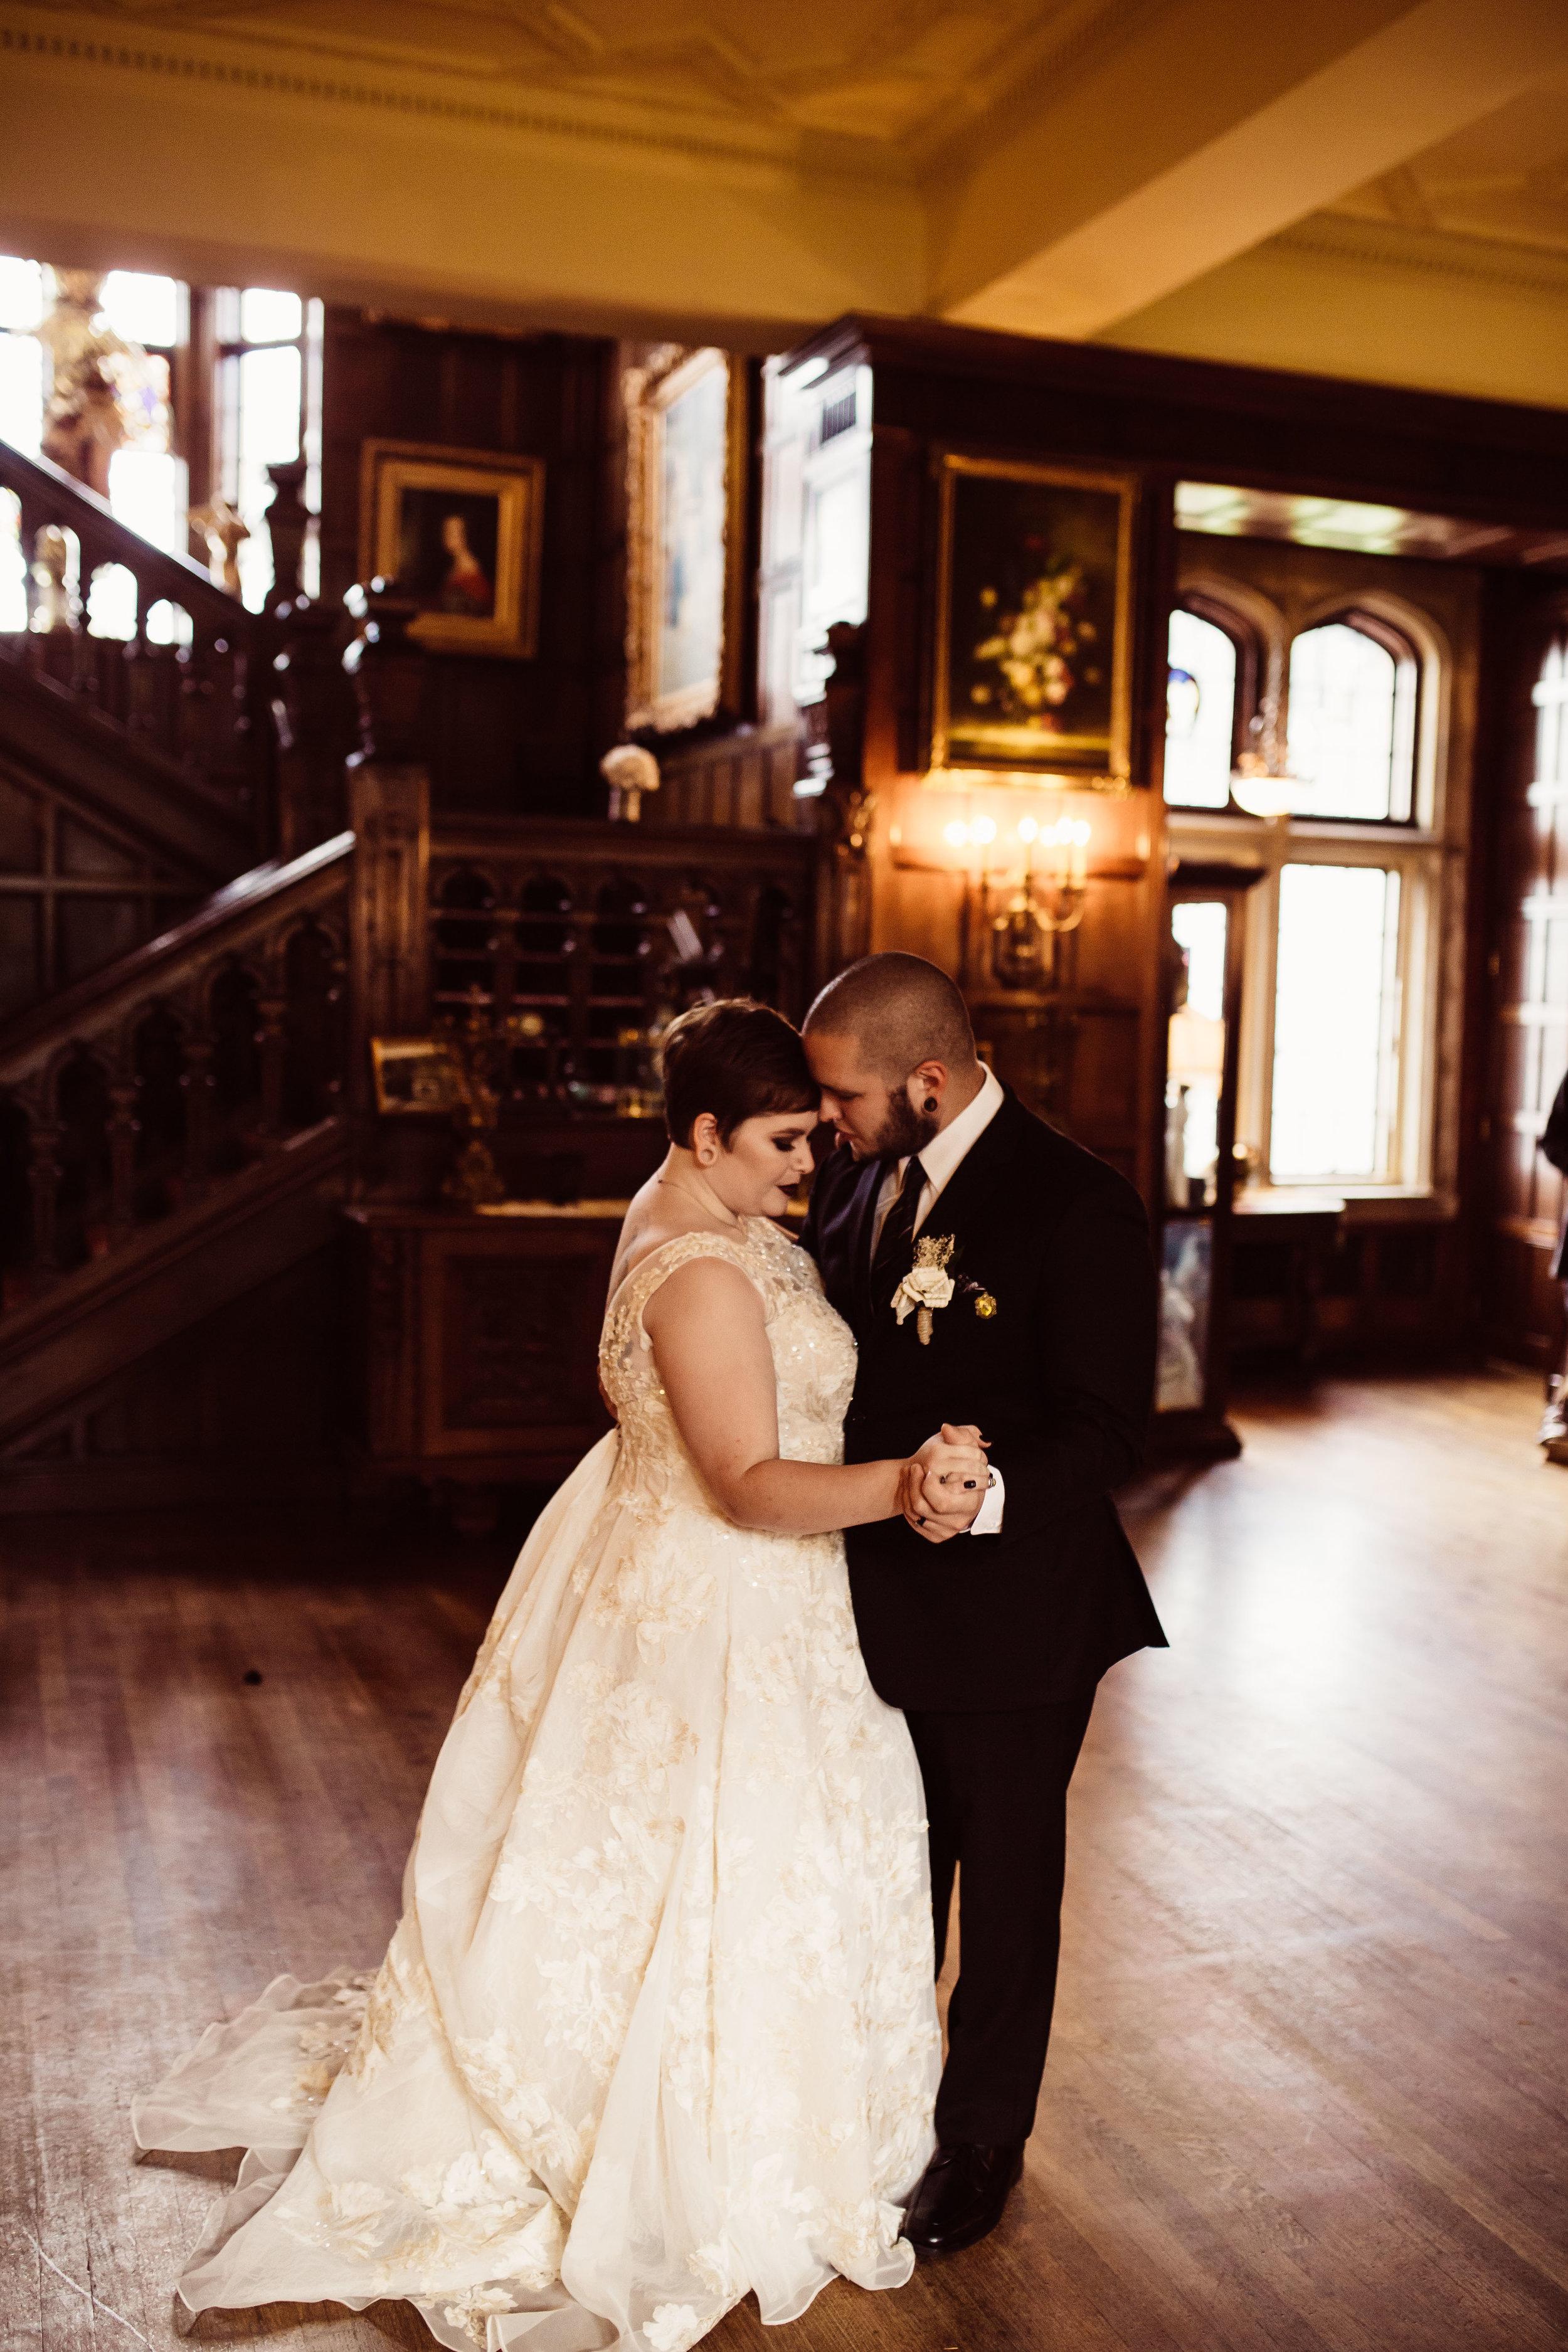 washington_wedding_Thornewood_Castle_photography-9635.jpg